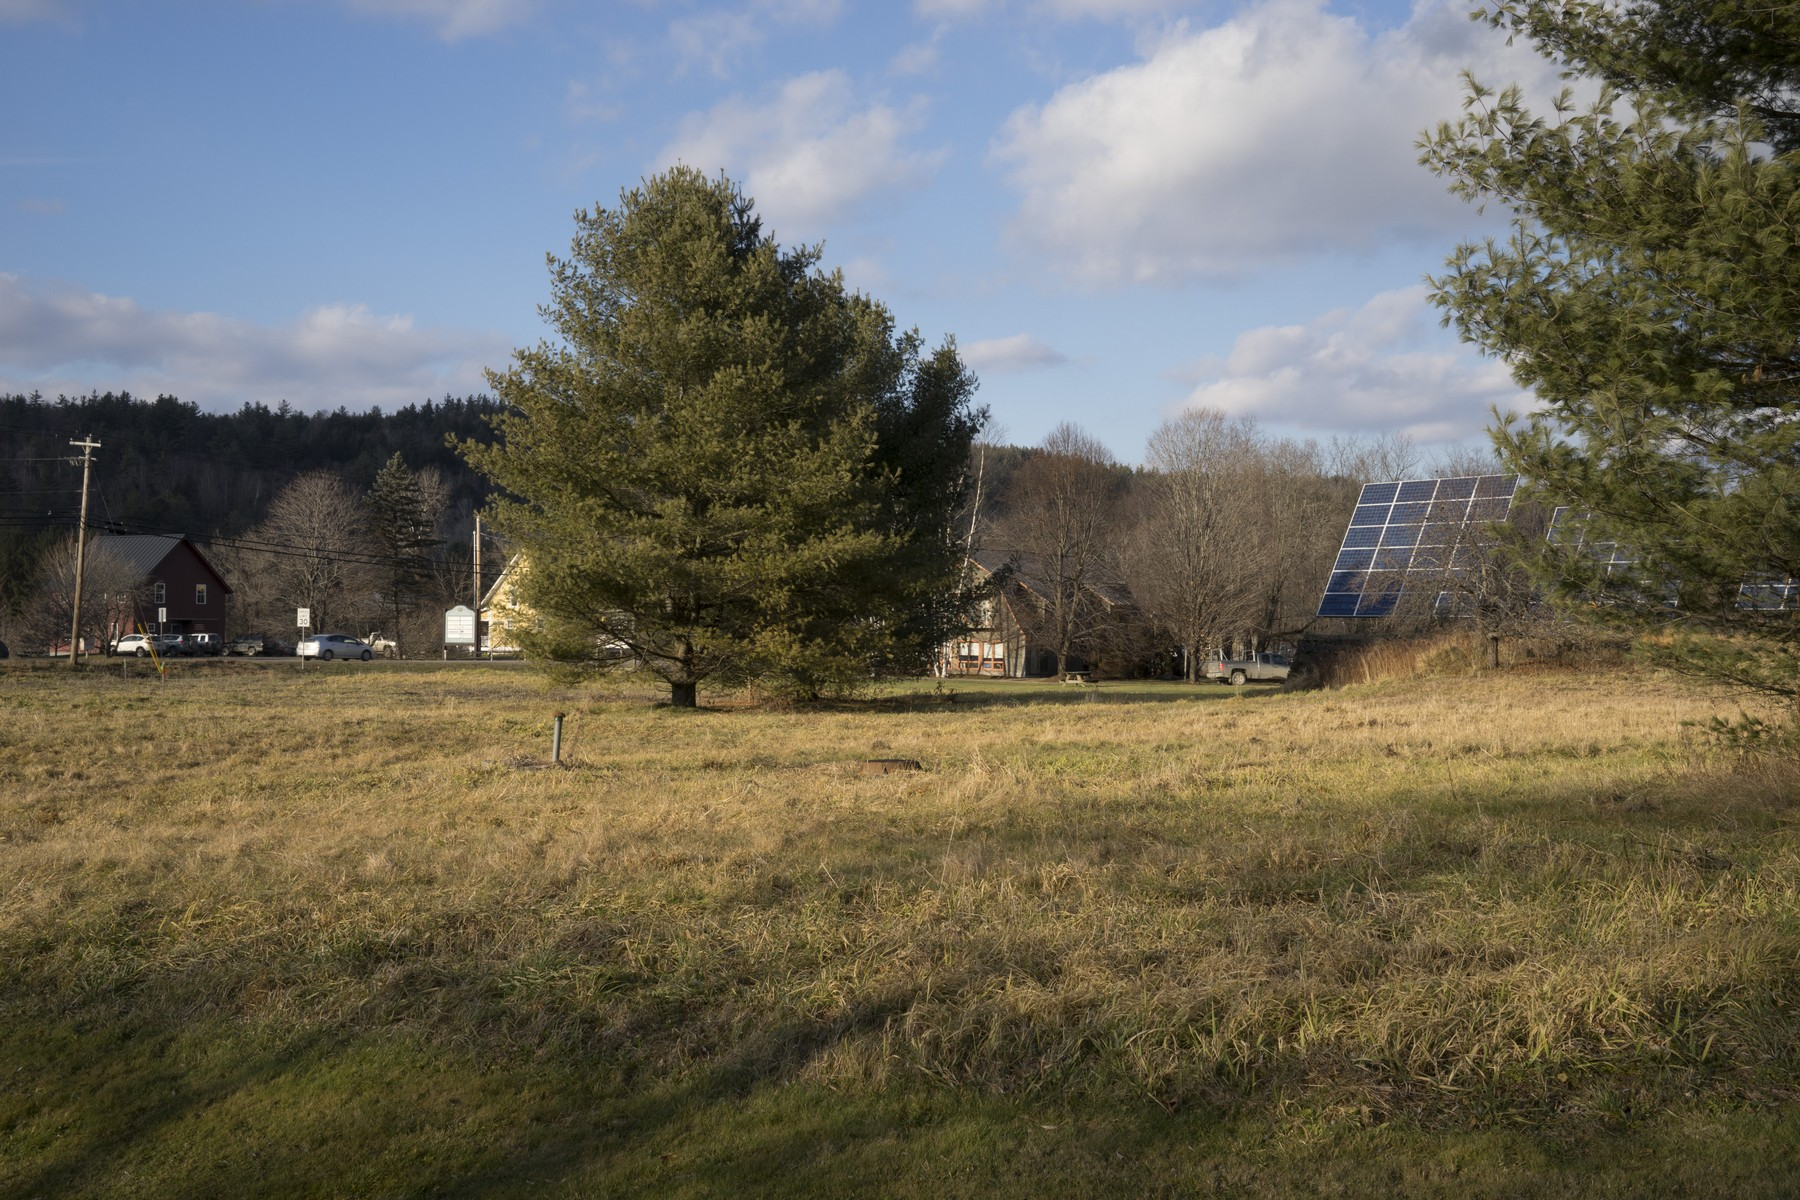 Terreno por un Venta en 0 Central Drive, Stowe Stowe, Vermont, 05672 Estados Unidos